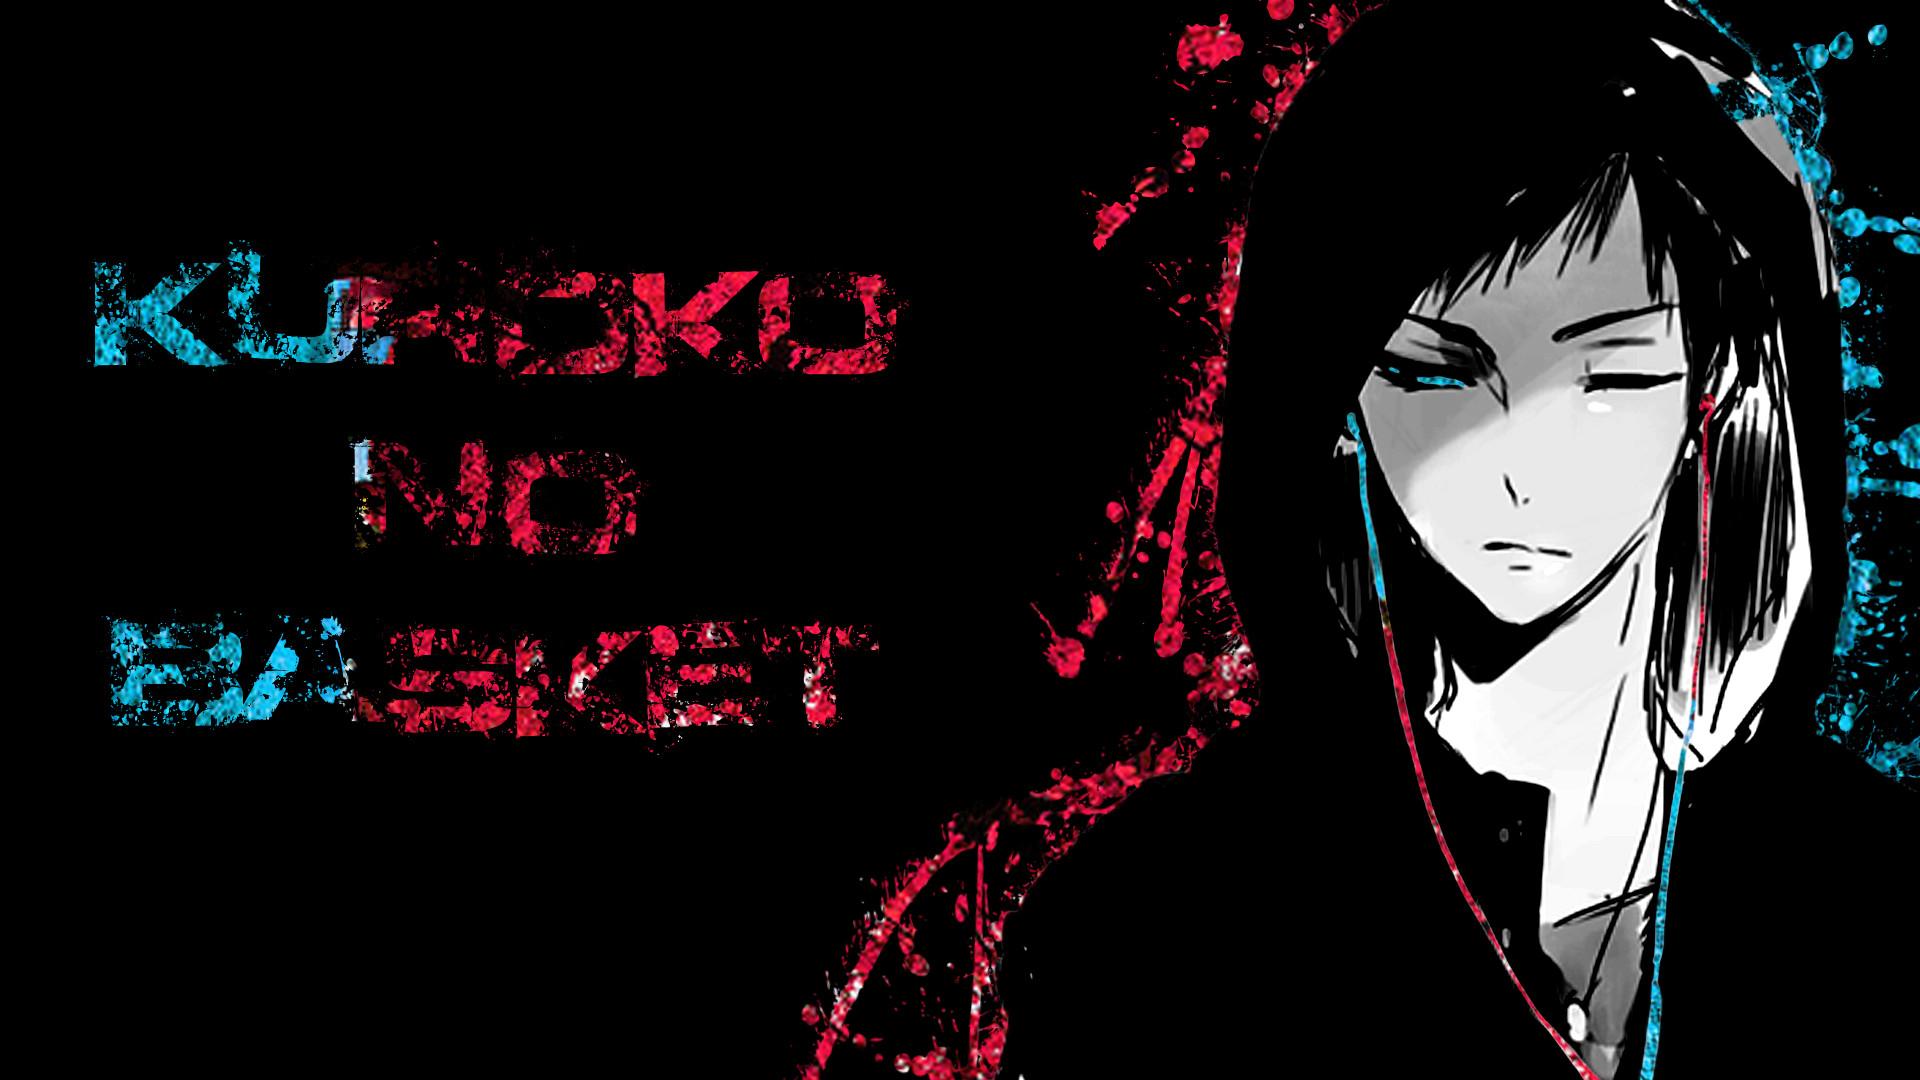 1796x2500 View Fullsize Kuroko No Basuke Image